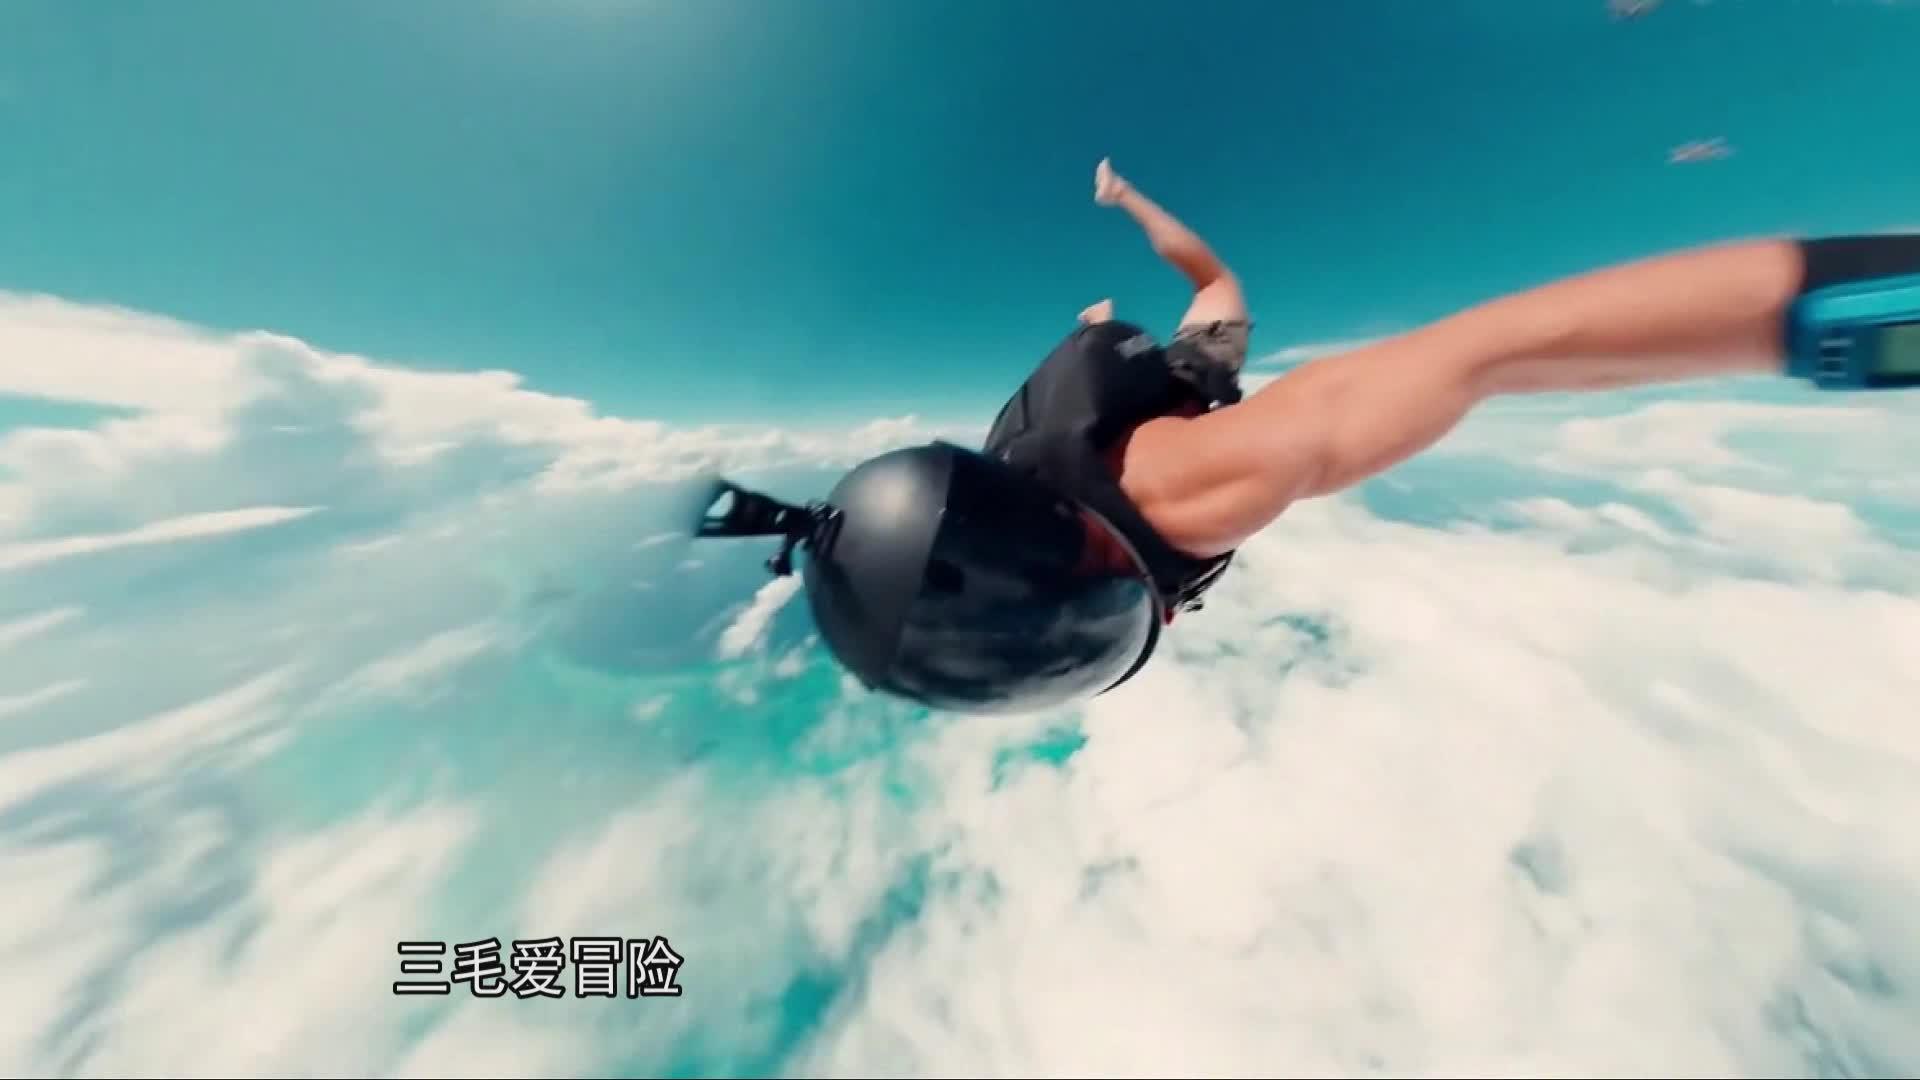 先跳伞后潜水,才能进入的伯利兹大蓝洞下面究竟有什么?